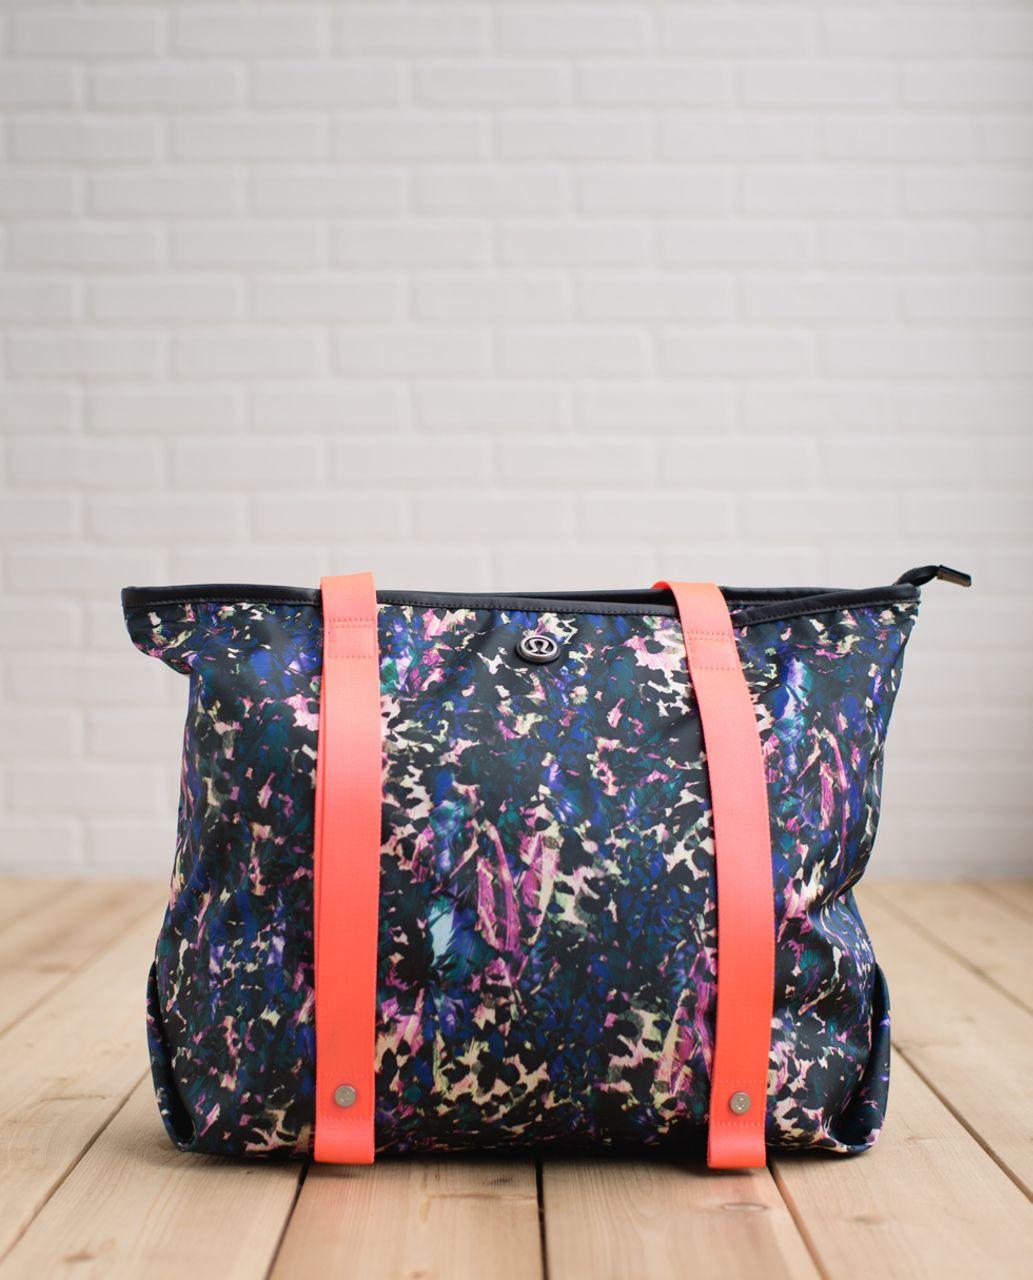 f04f7594081 Lululemon Summer Lovin' Tote - Floral Backdrop Black Multi / Deep ...